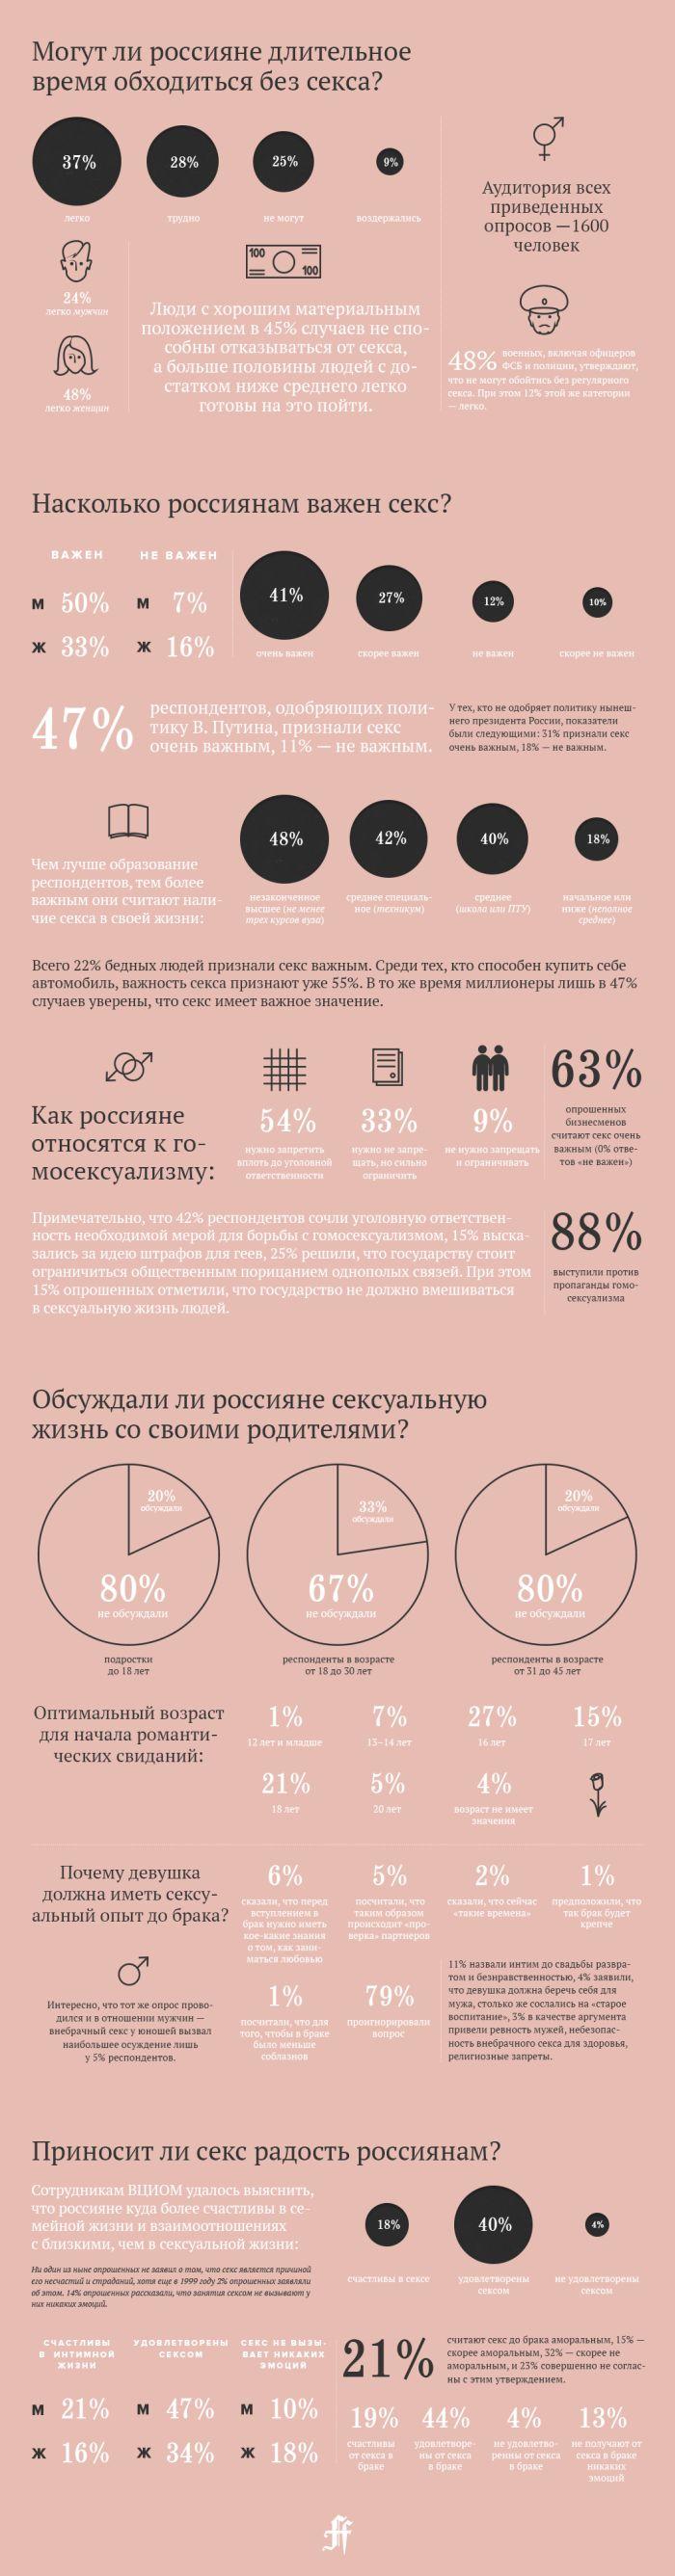 Отношение россиян к сексу (1 картинка)